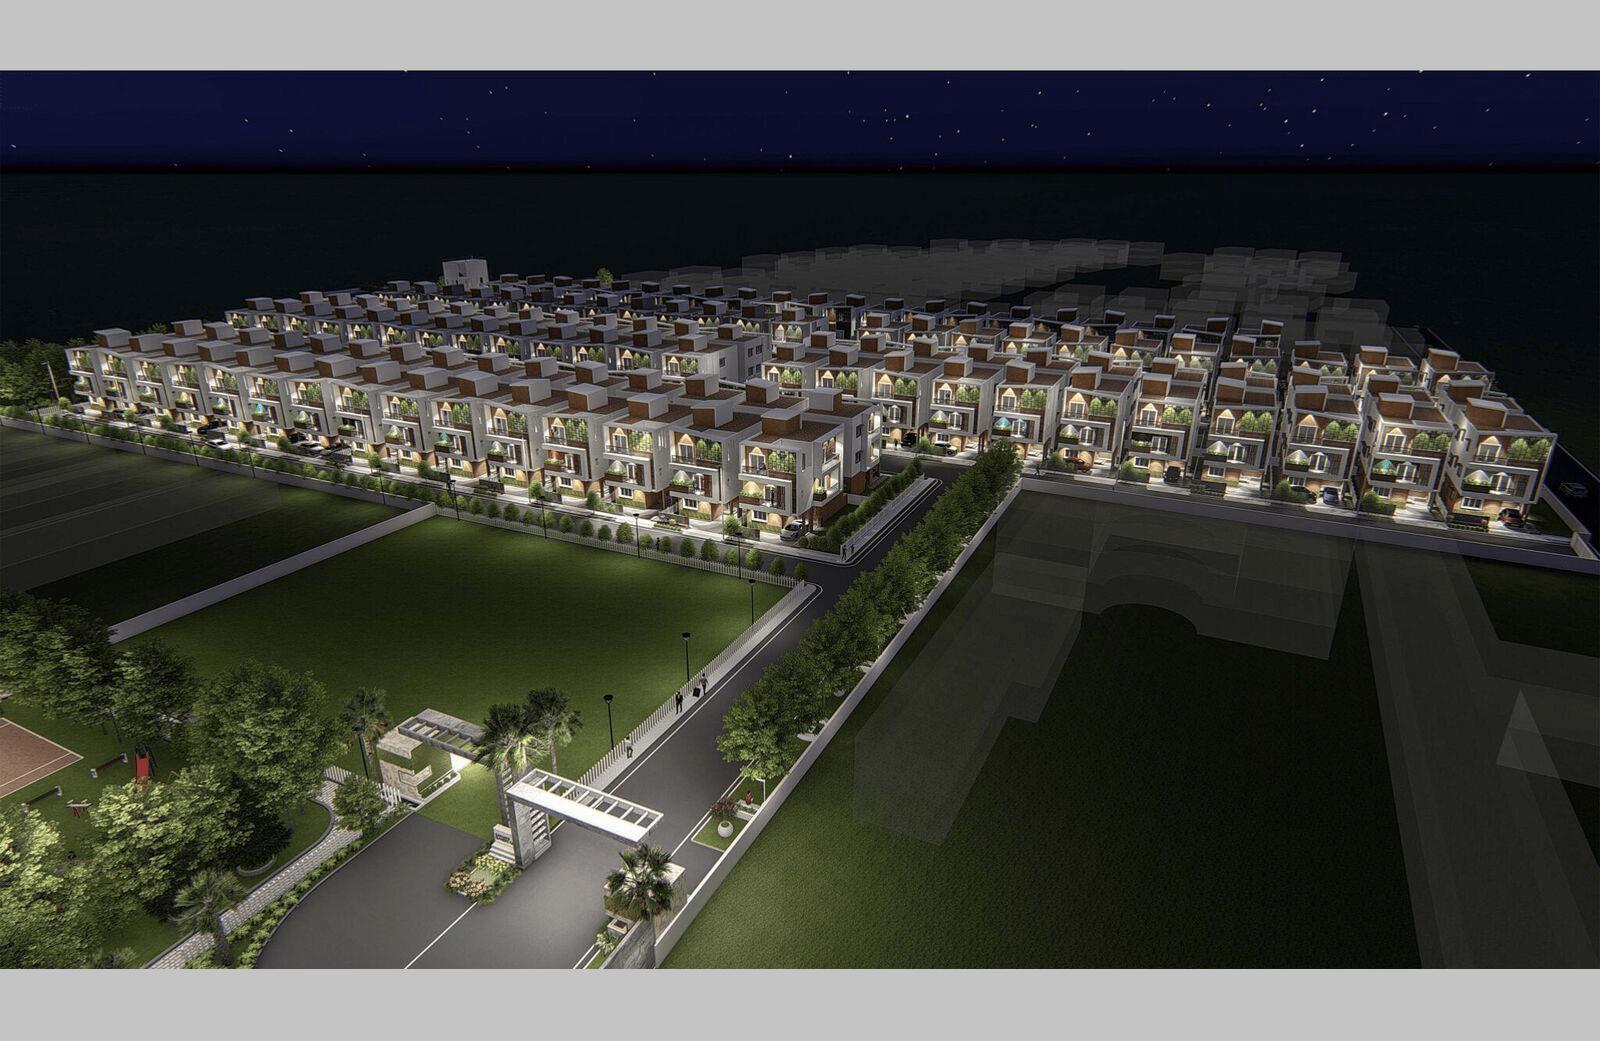 RESIDENTIAL HOUSING